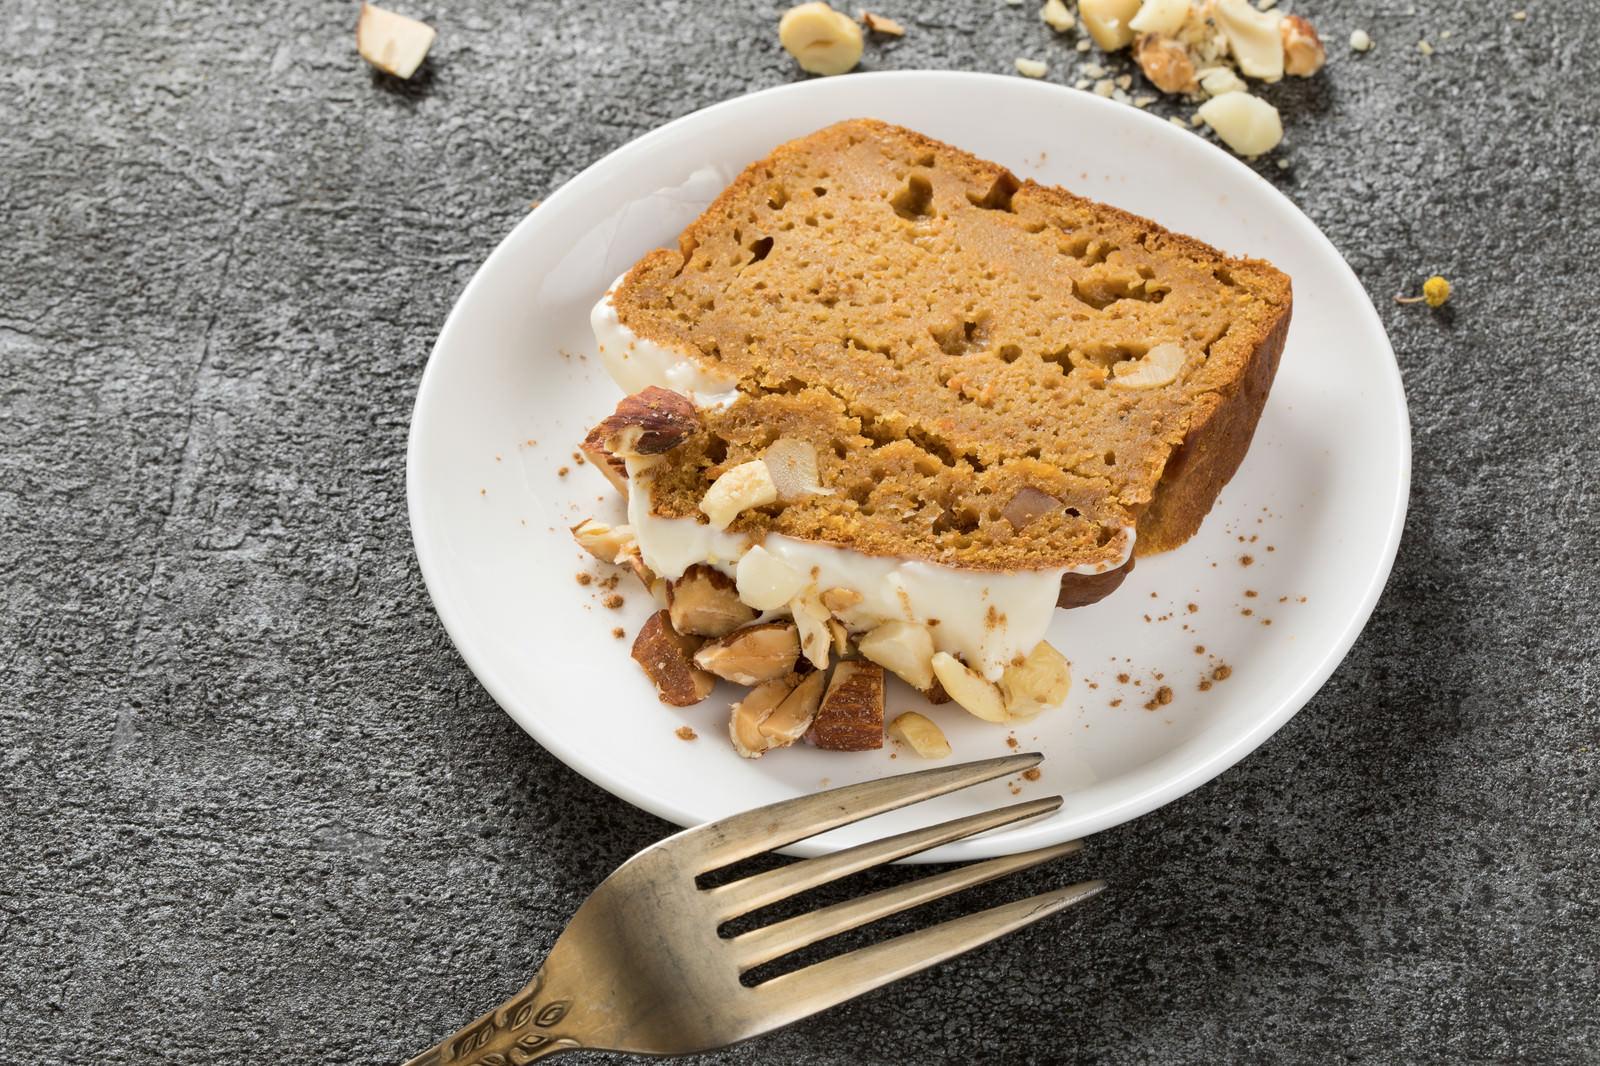 「米粉とおからを使ったグルテンフリーのにんじんケーキ」の写真